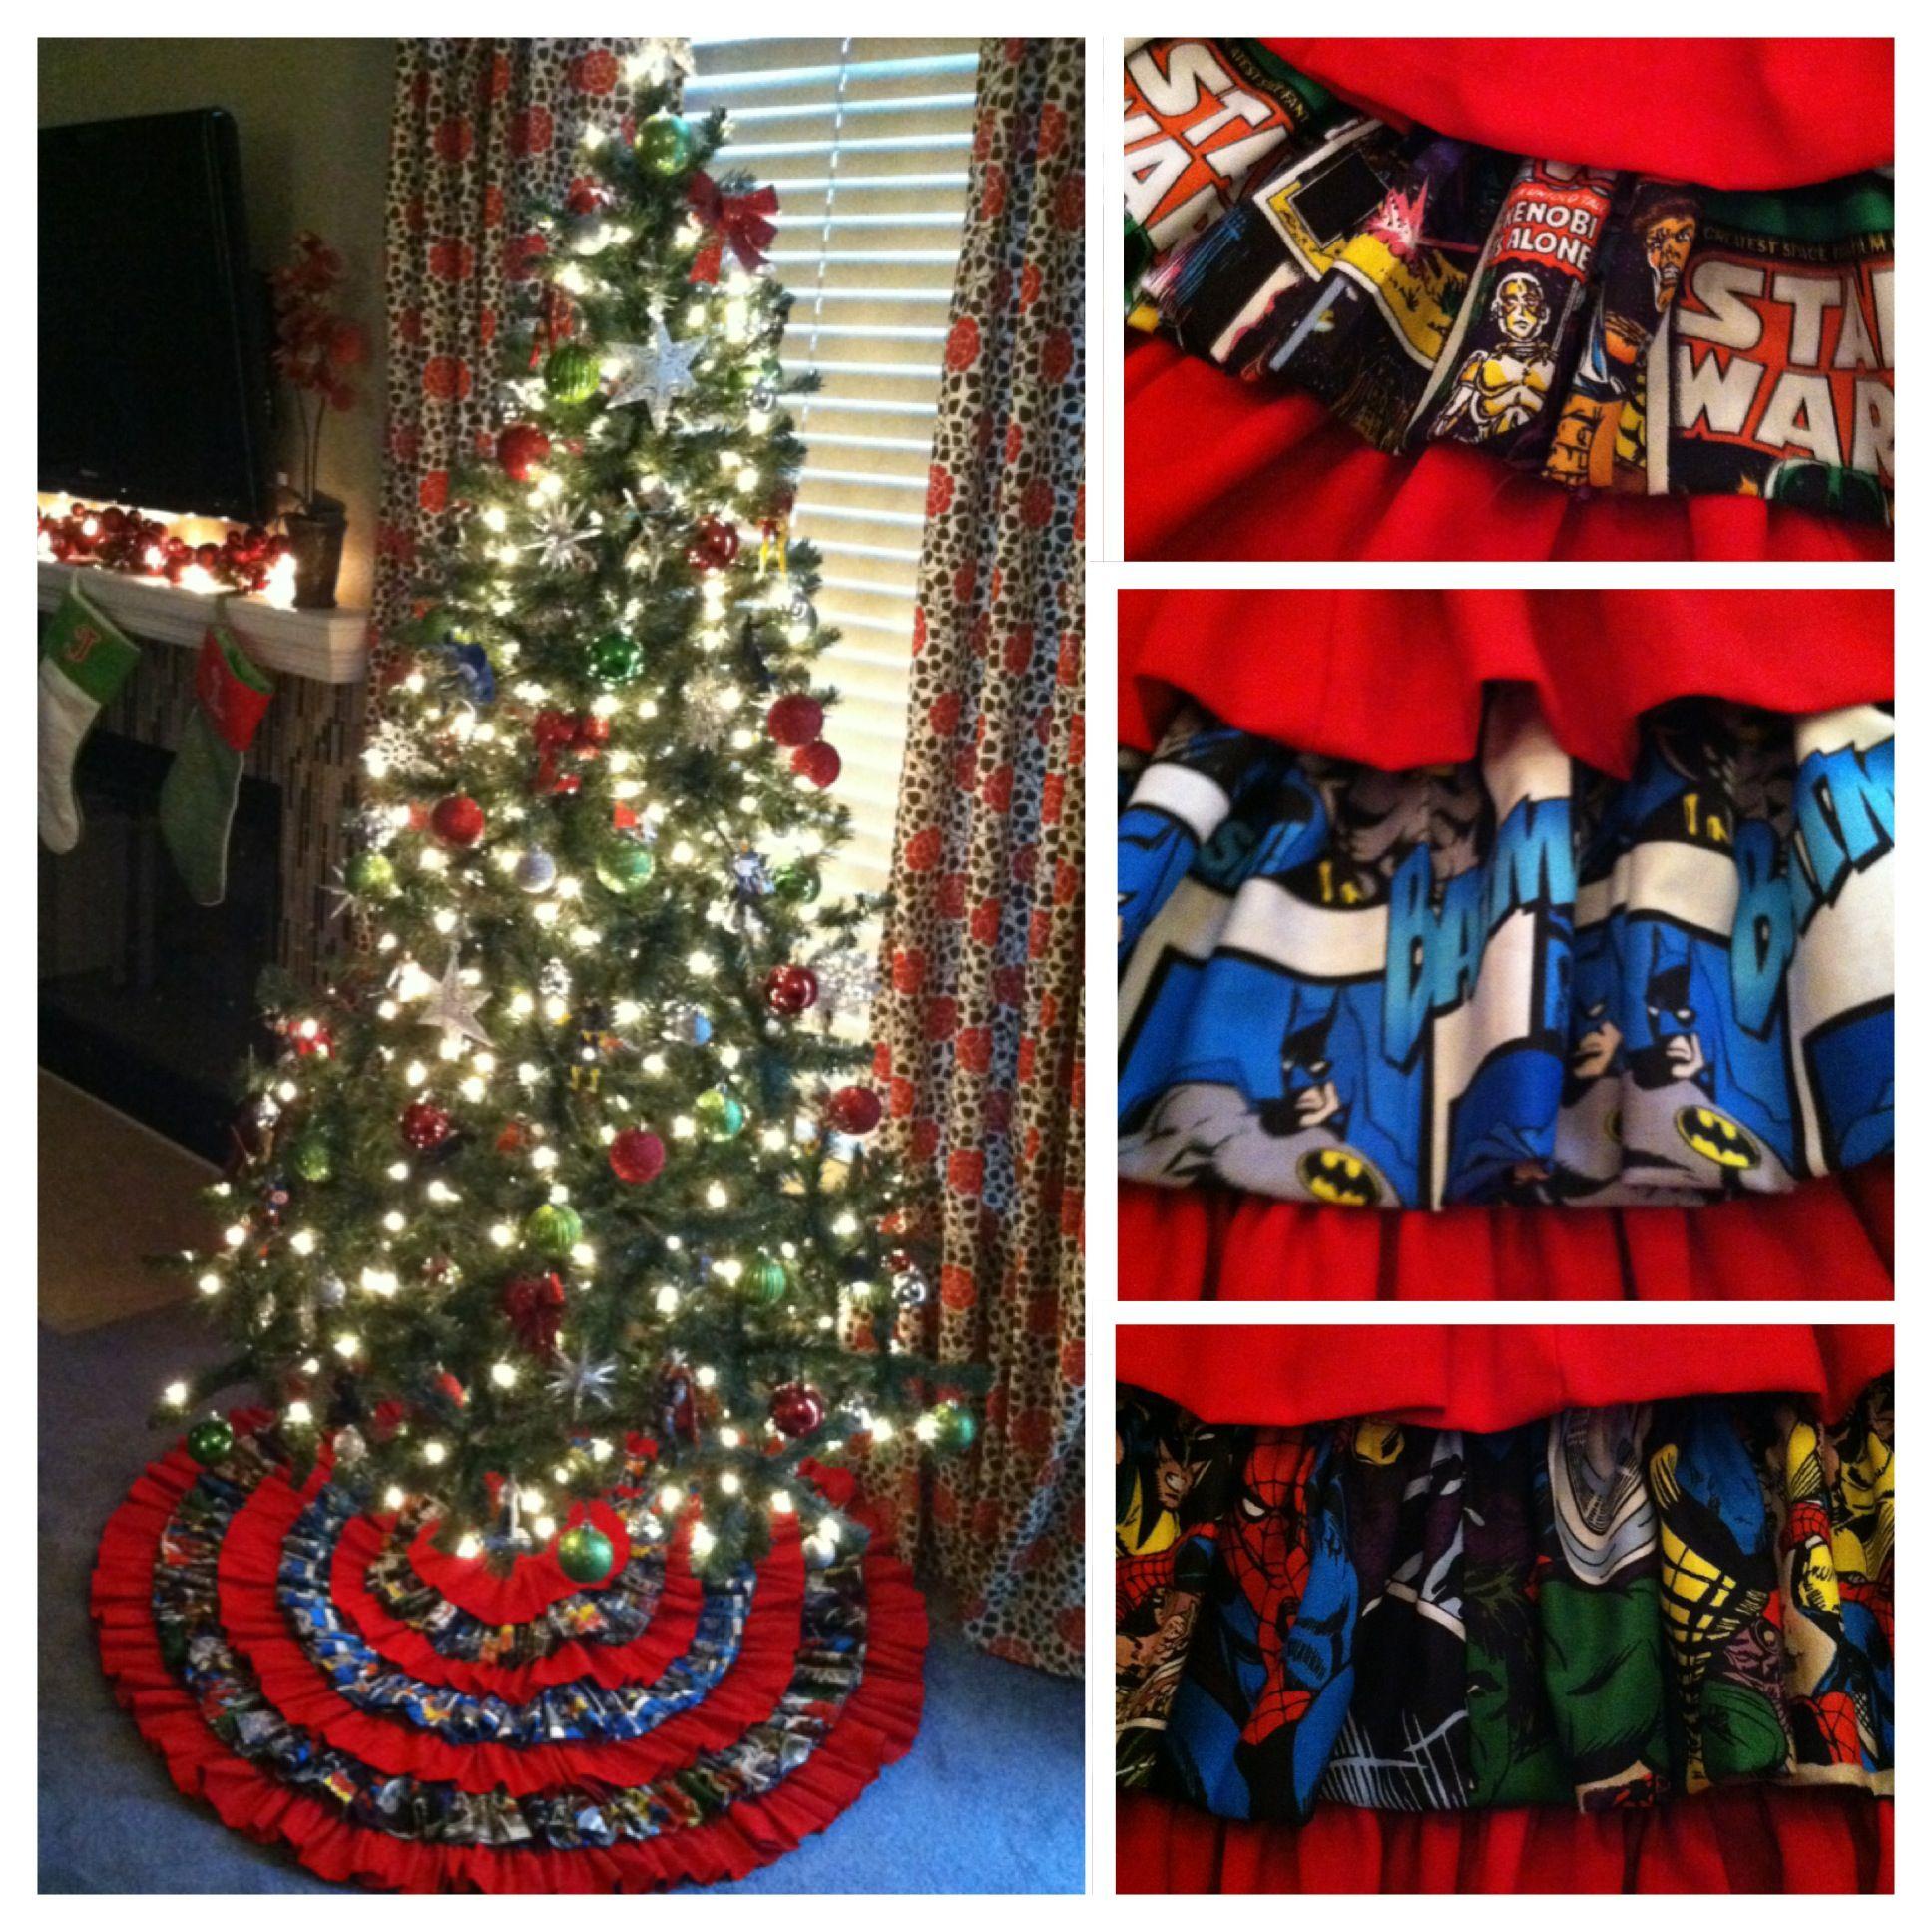 Super Hero Star Wars Christmas Tree Skirt Only Marvel For This Girl But I Like The Design Star Wars Christmas Tree Star Wars Christmas Spiderman Christmas